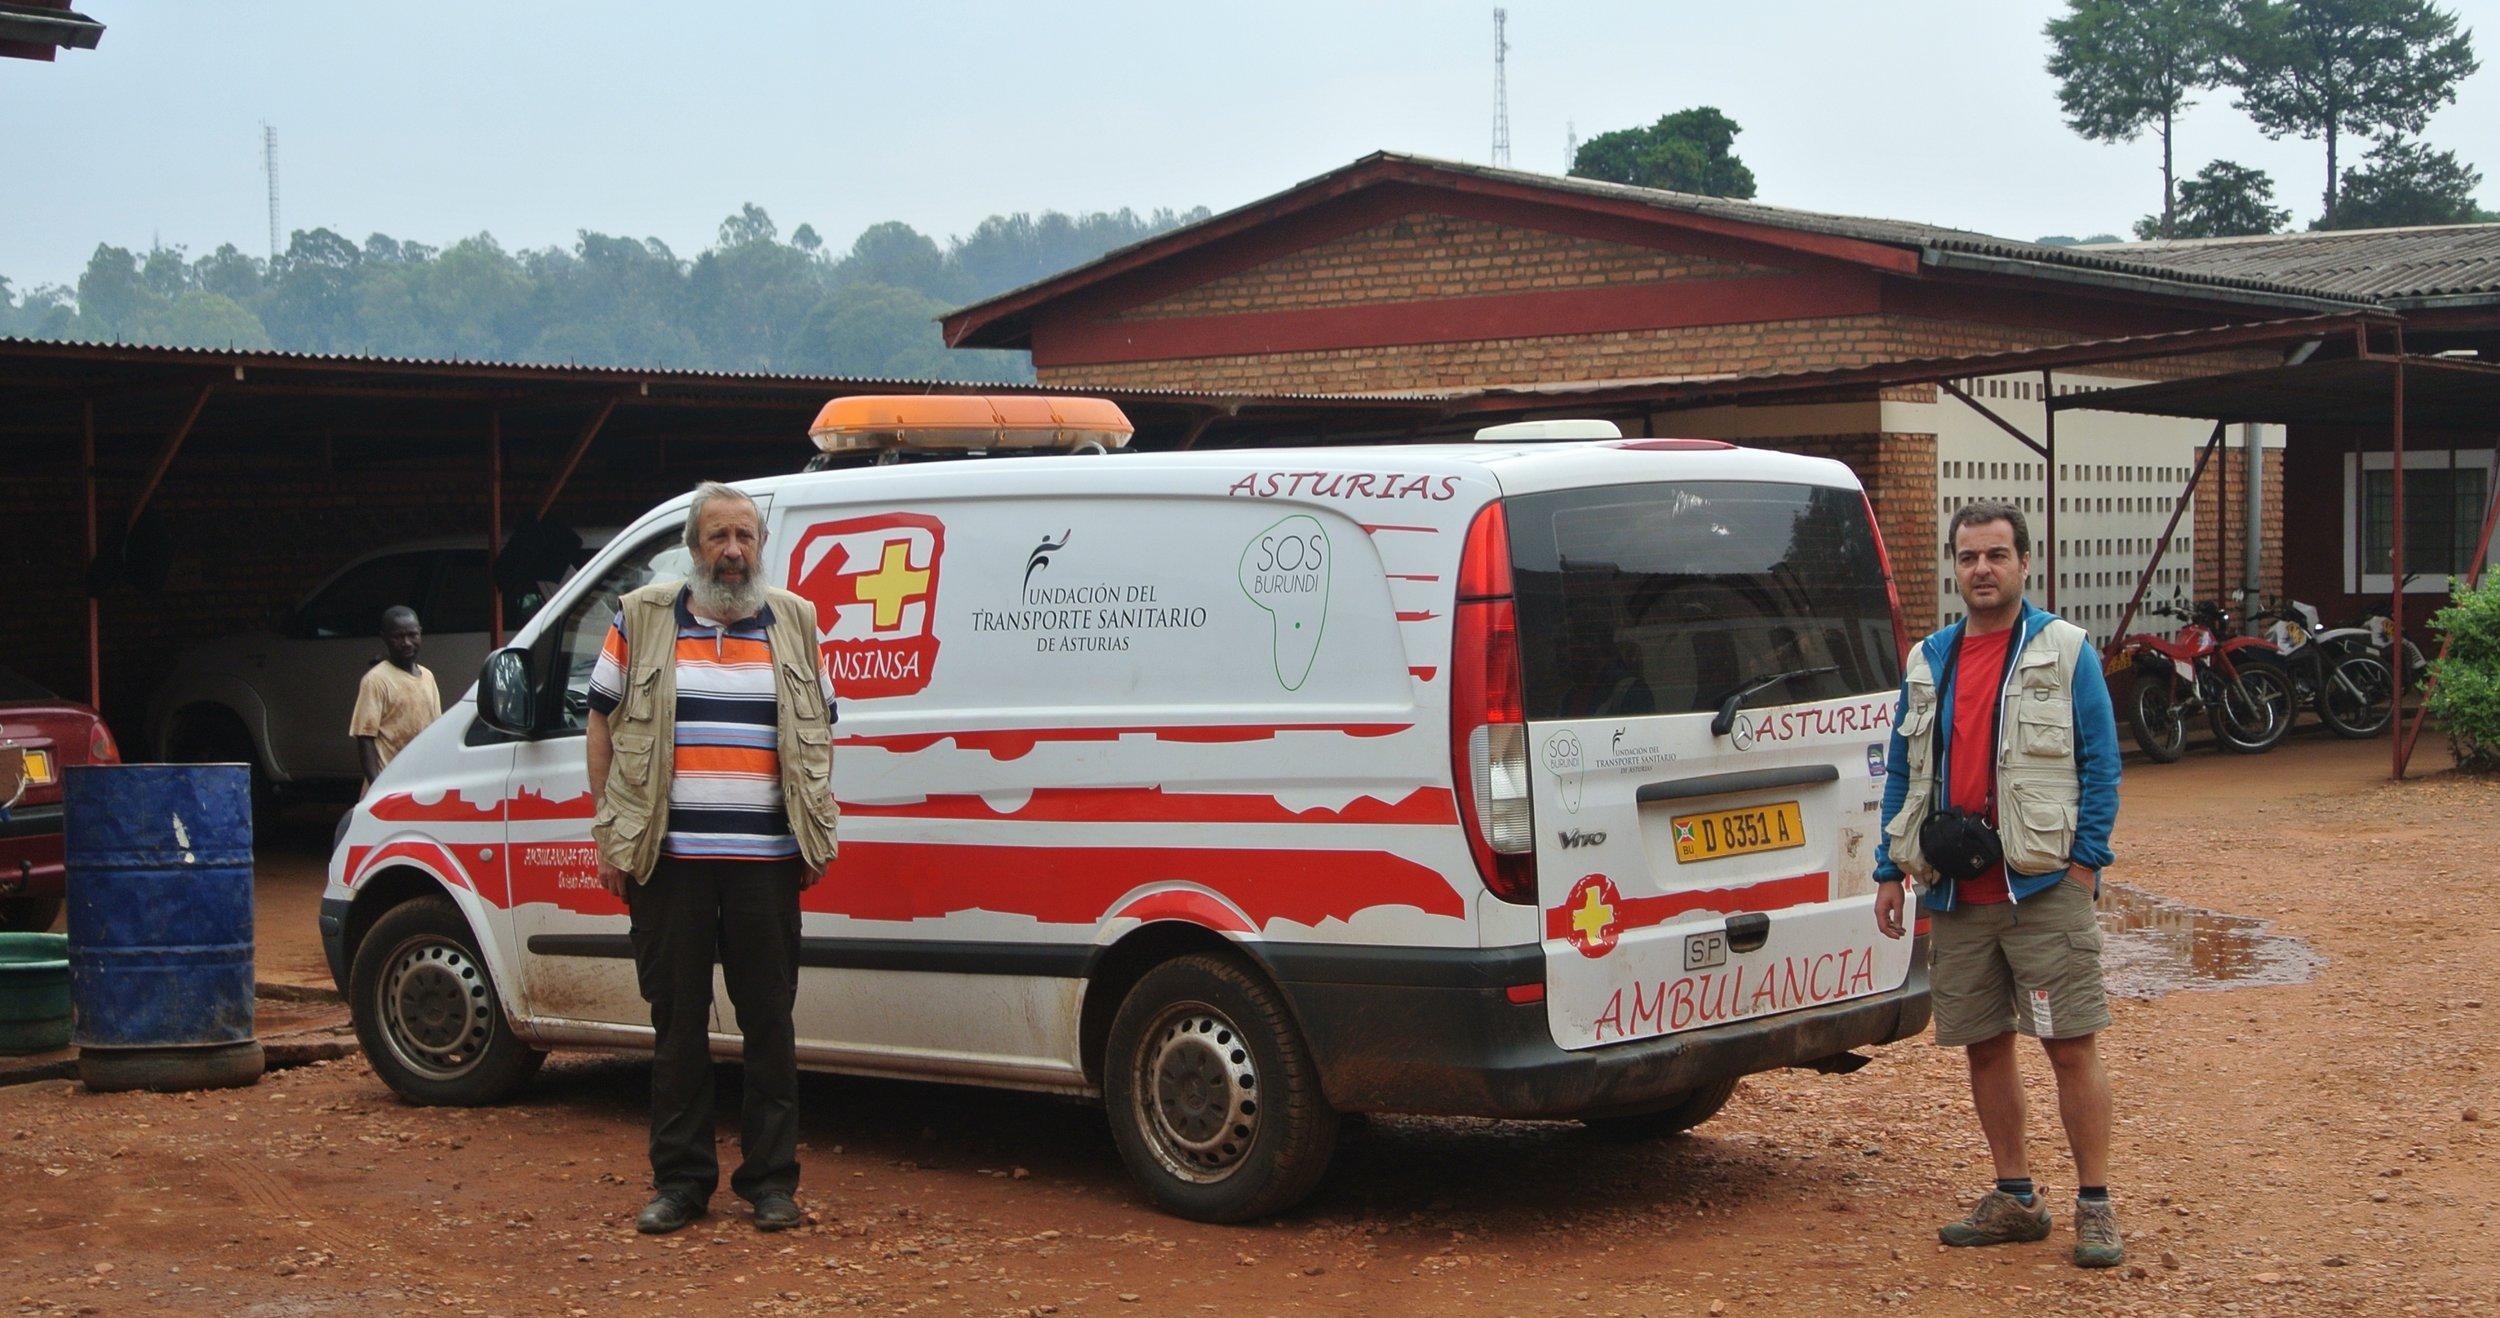 La ambulancia donada por la Fundación del Transporte Sanitario de Asturias.JPG